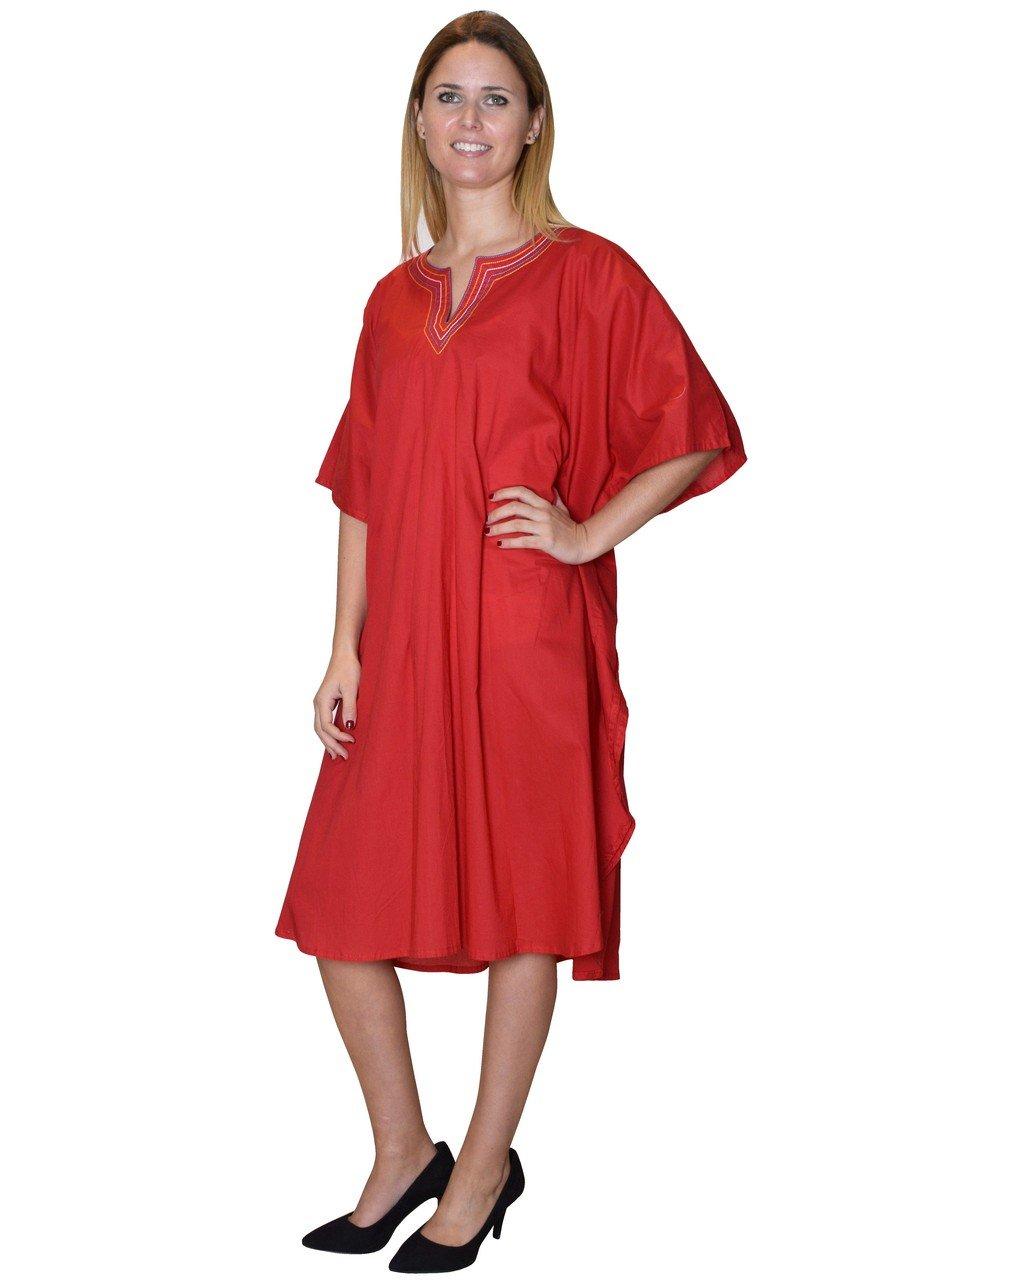 Bayside Barcelona Vestido de Maternidad de Kaftan Rojo Playa Bordado a Mano Sólido Talla G: Amazon.es: Electrónica